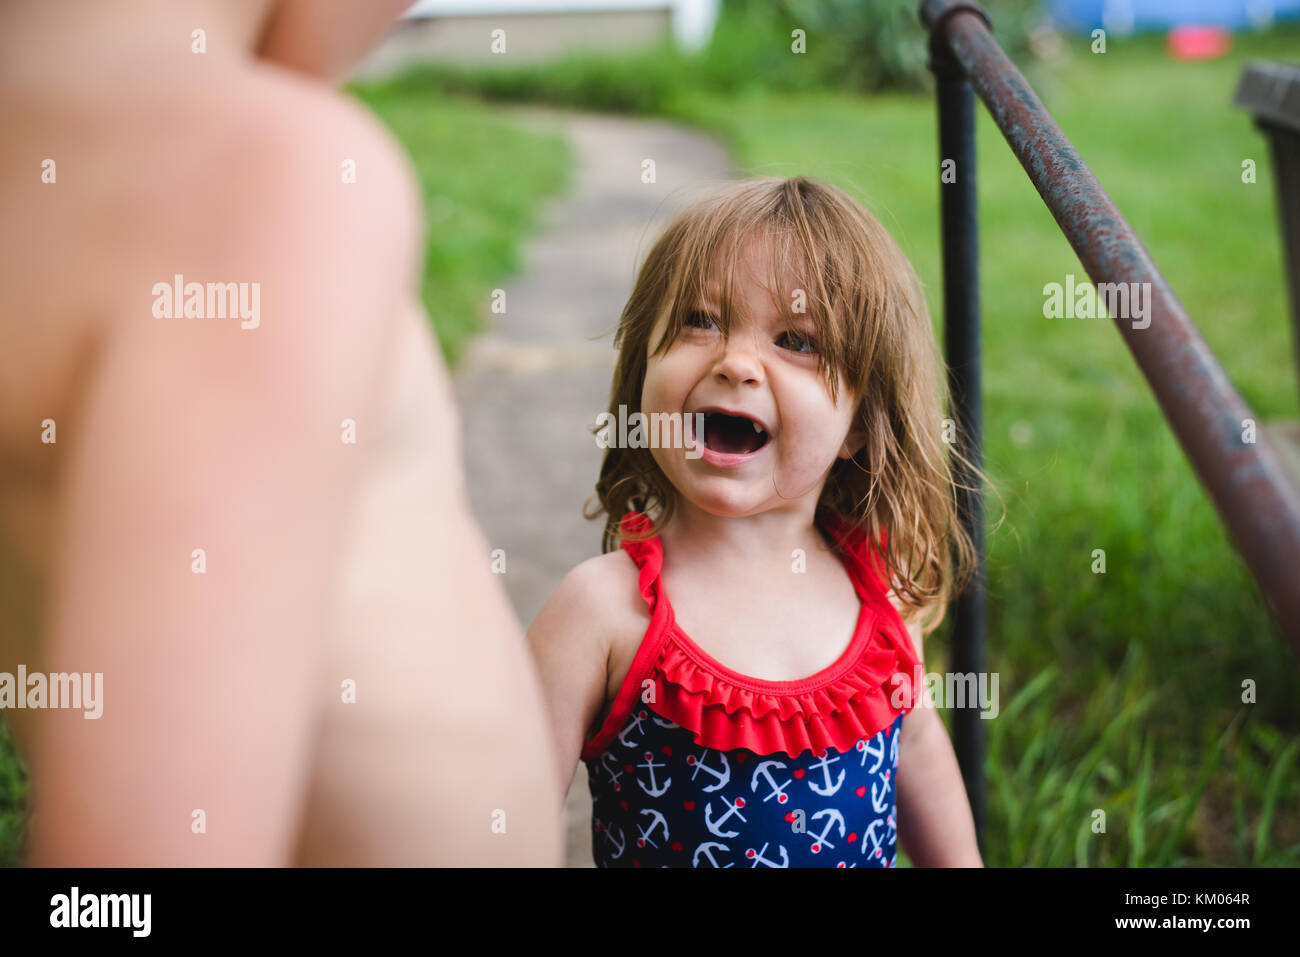 Un bébé pleure pendant que son frère les regarde. Photo Stock